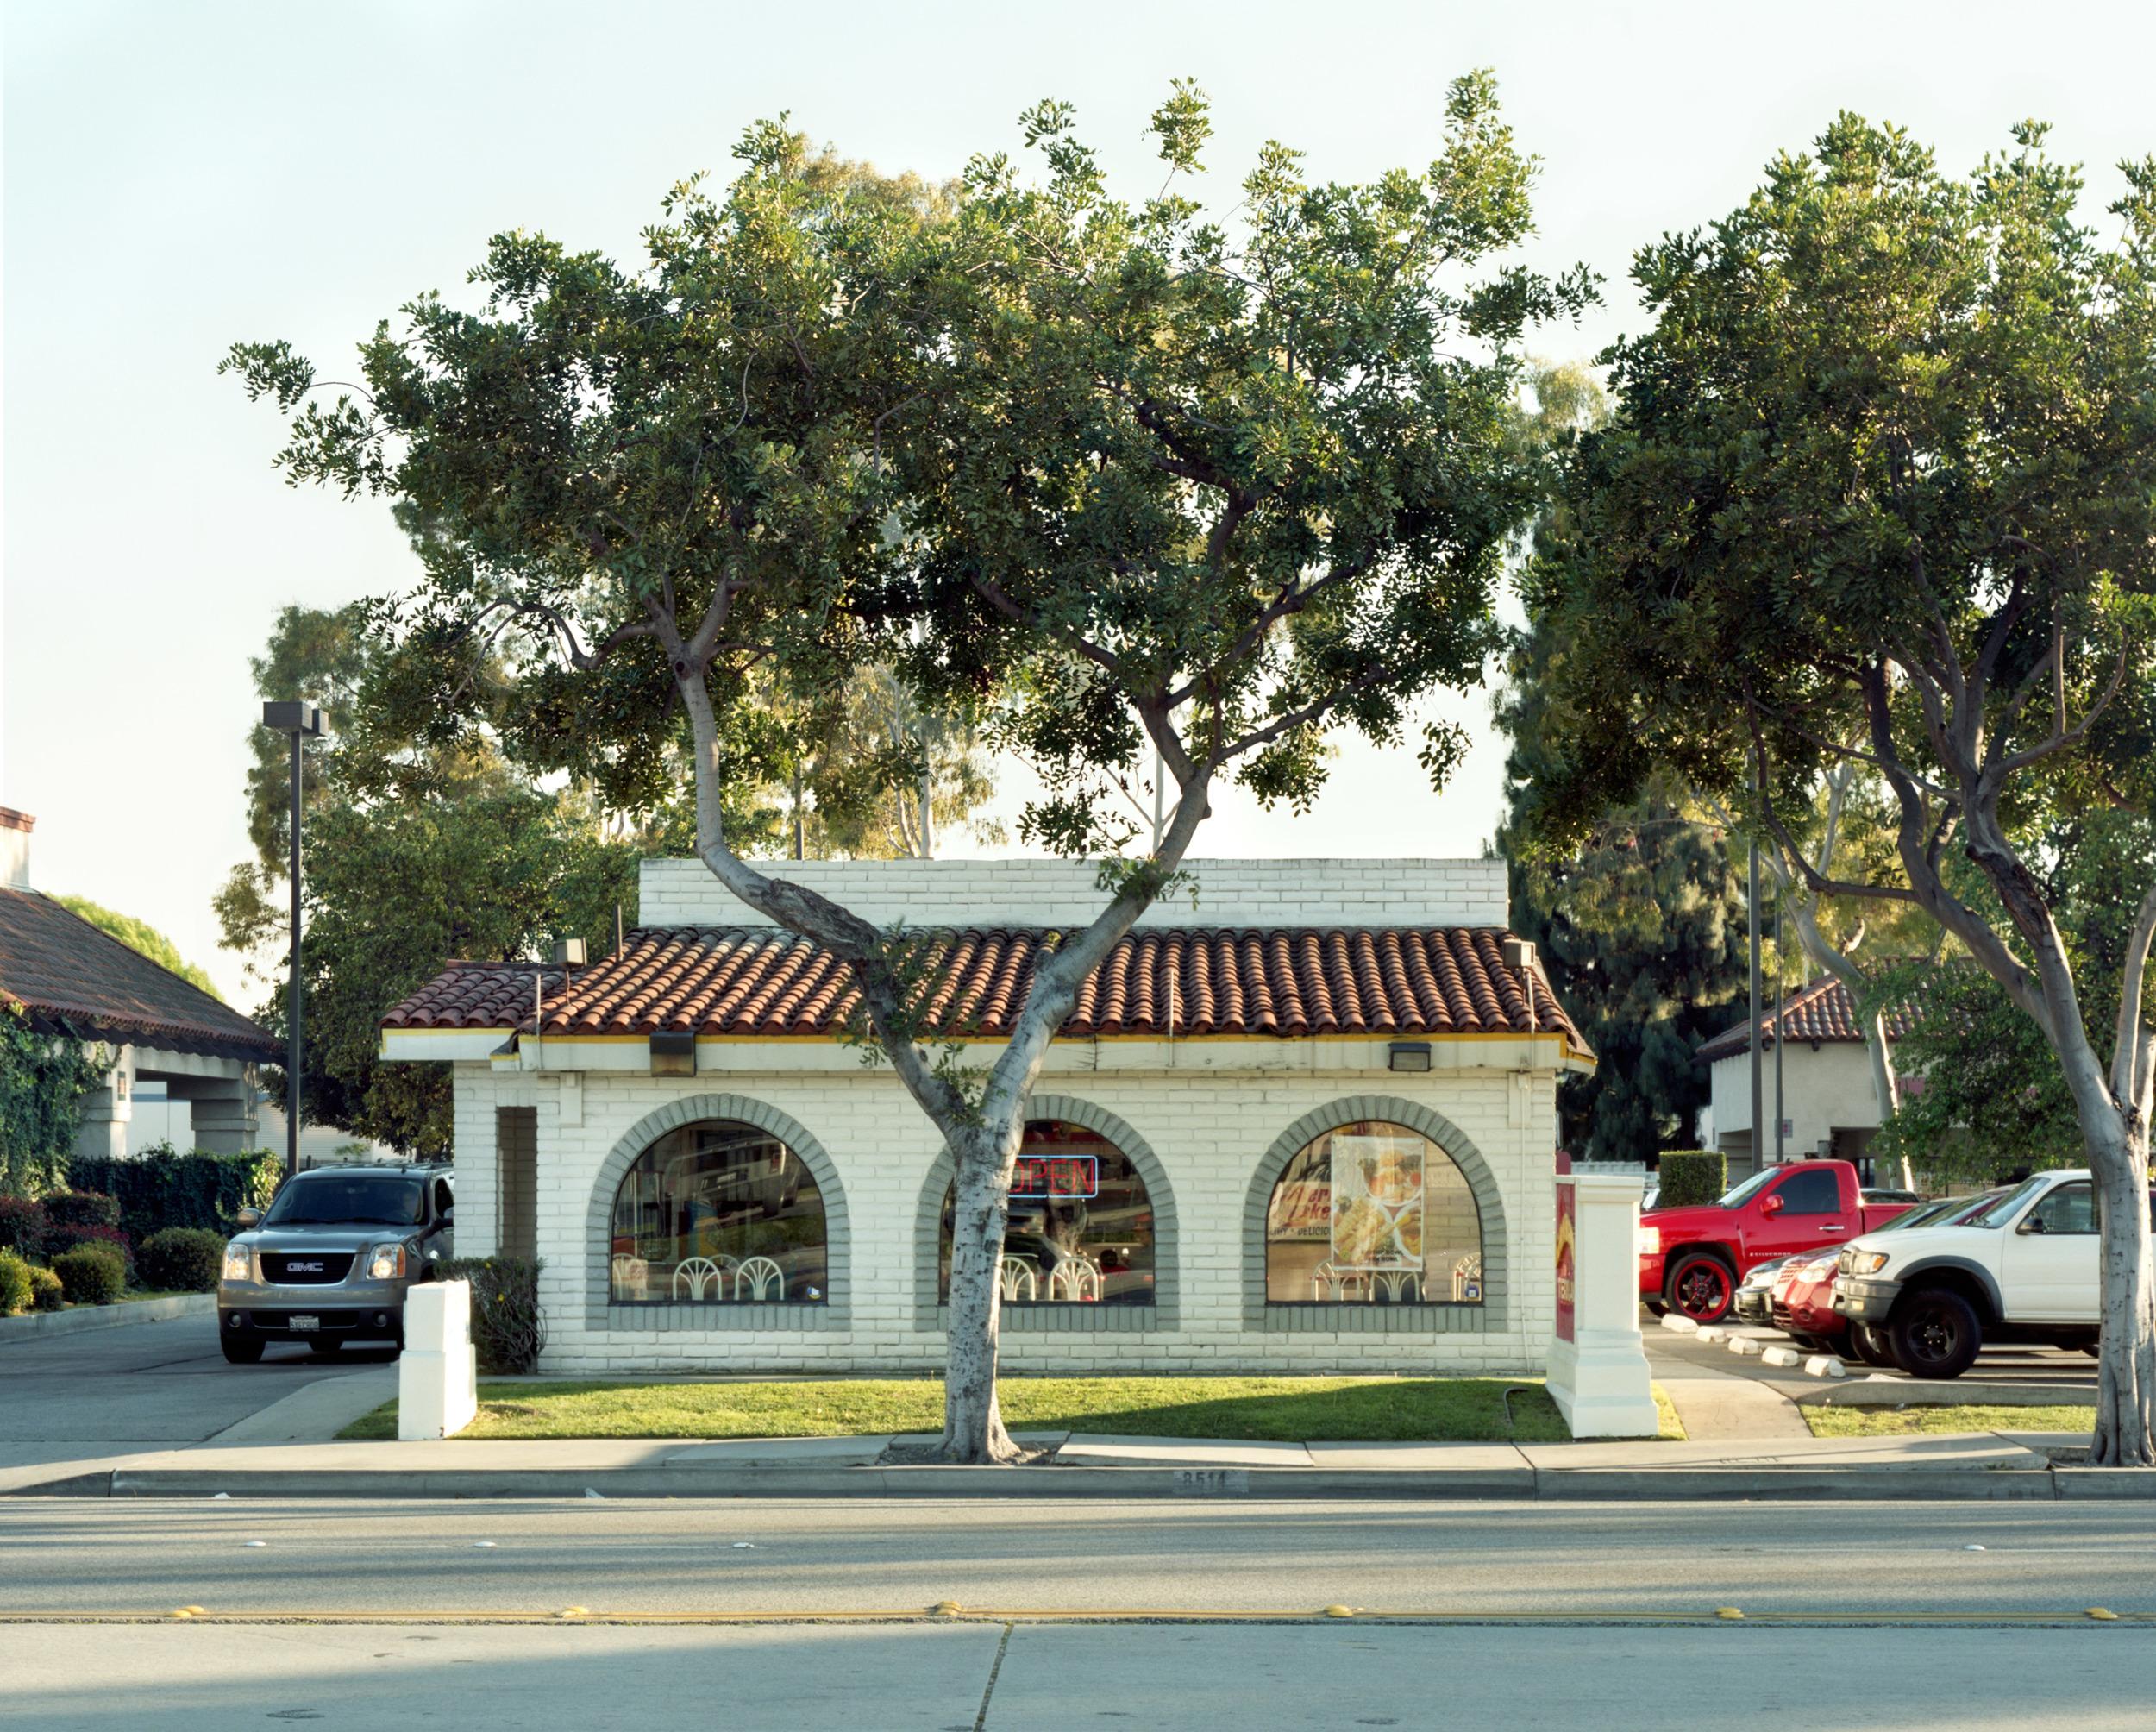 8514 Alondra Blvd., Paramount, CA 90723